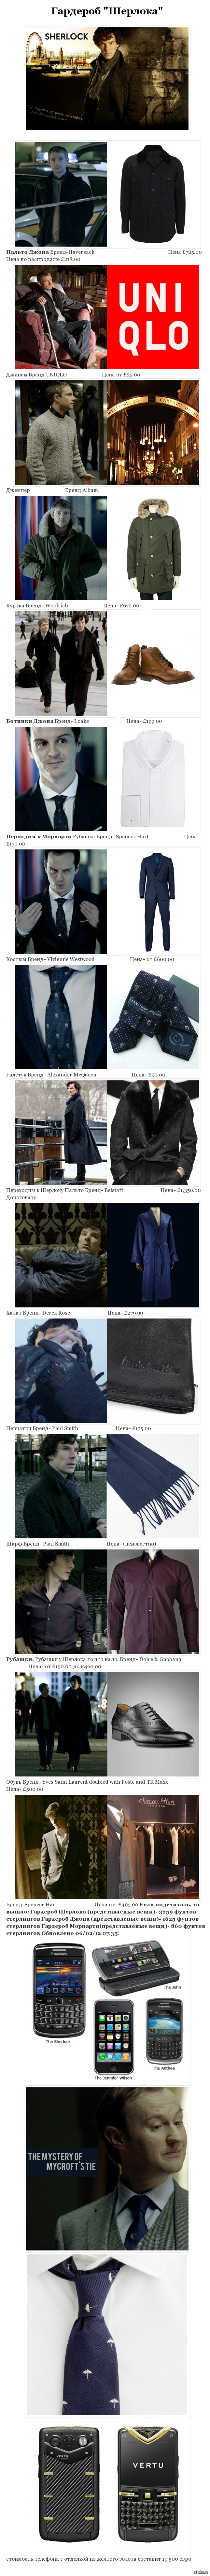 """Гардероб """"Шерлока"""". Длиннопост. Все ведь хотят пальто?)"""